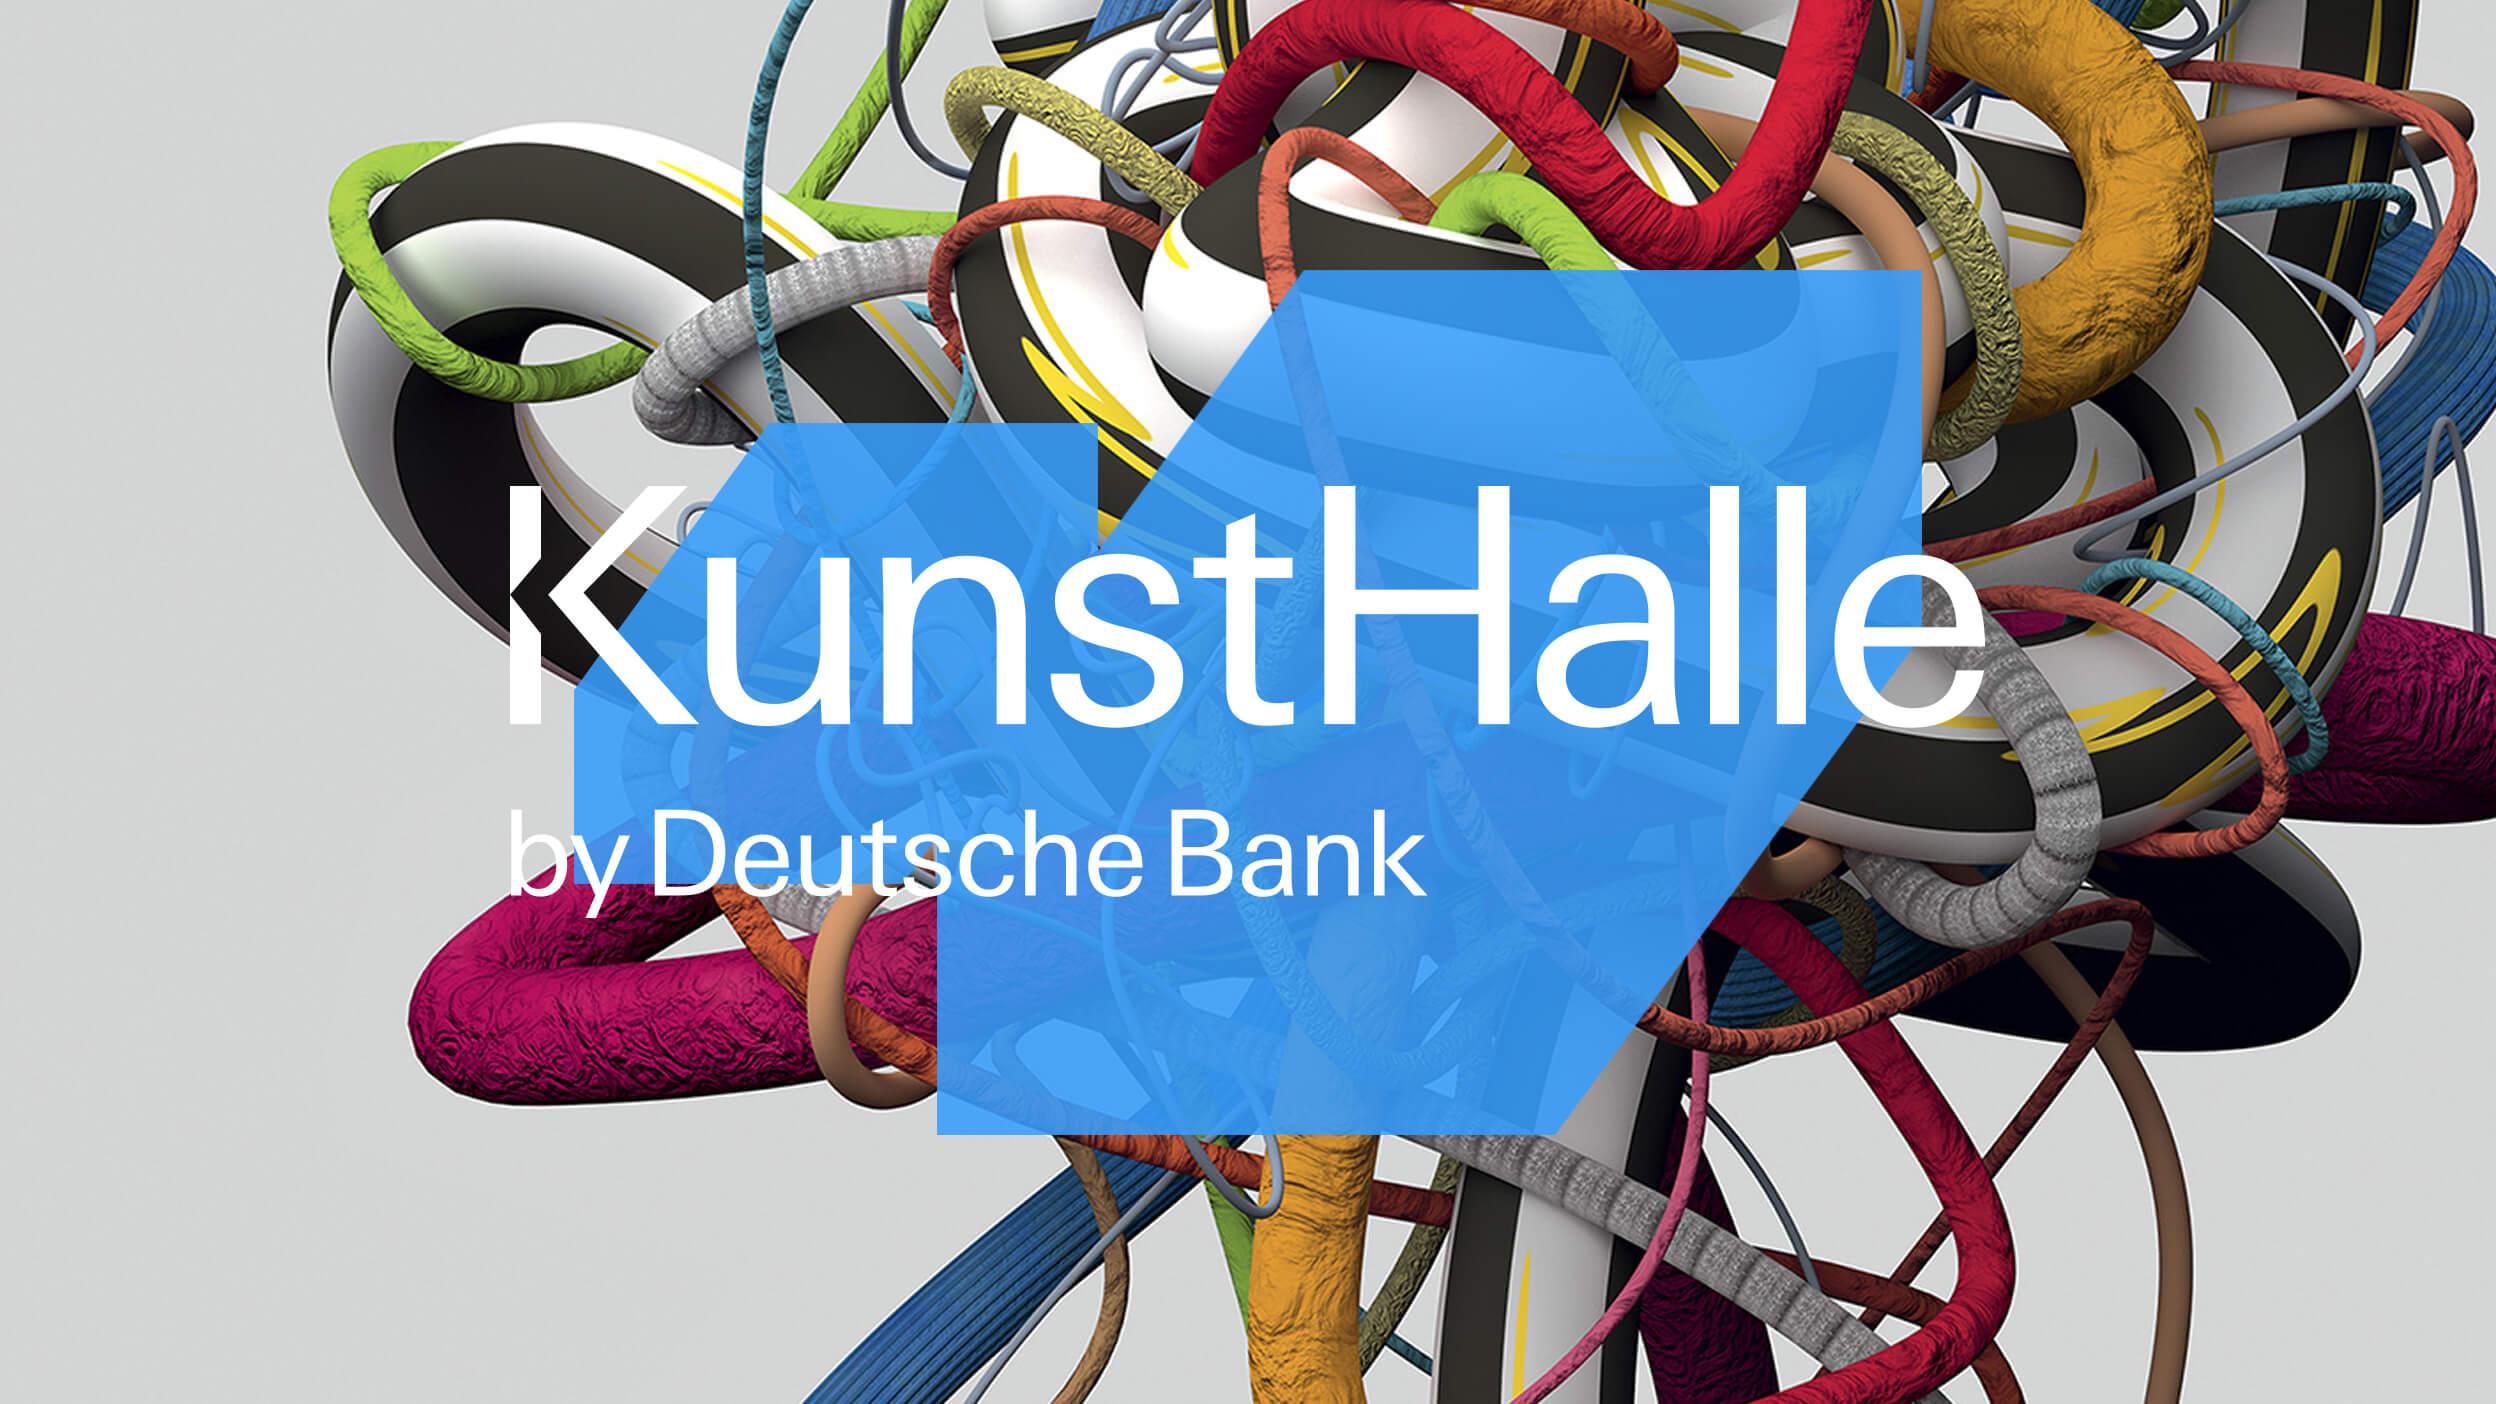 DB KUNSTHALLE